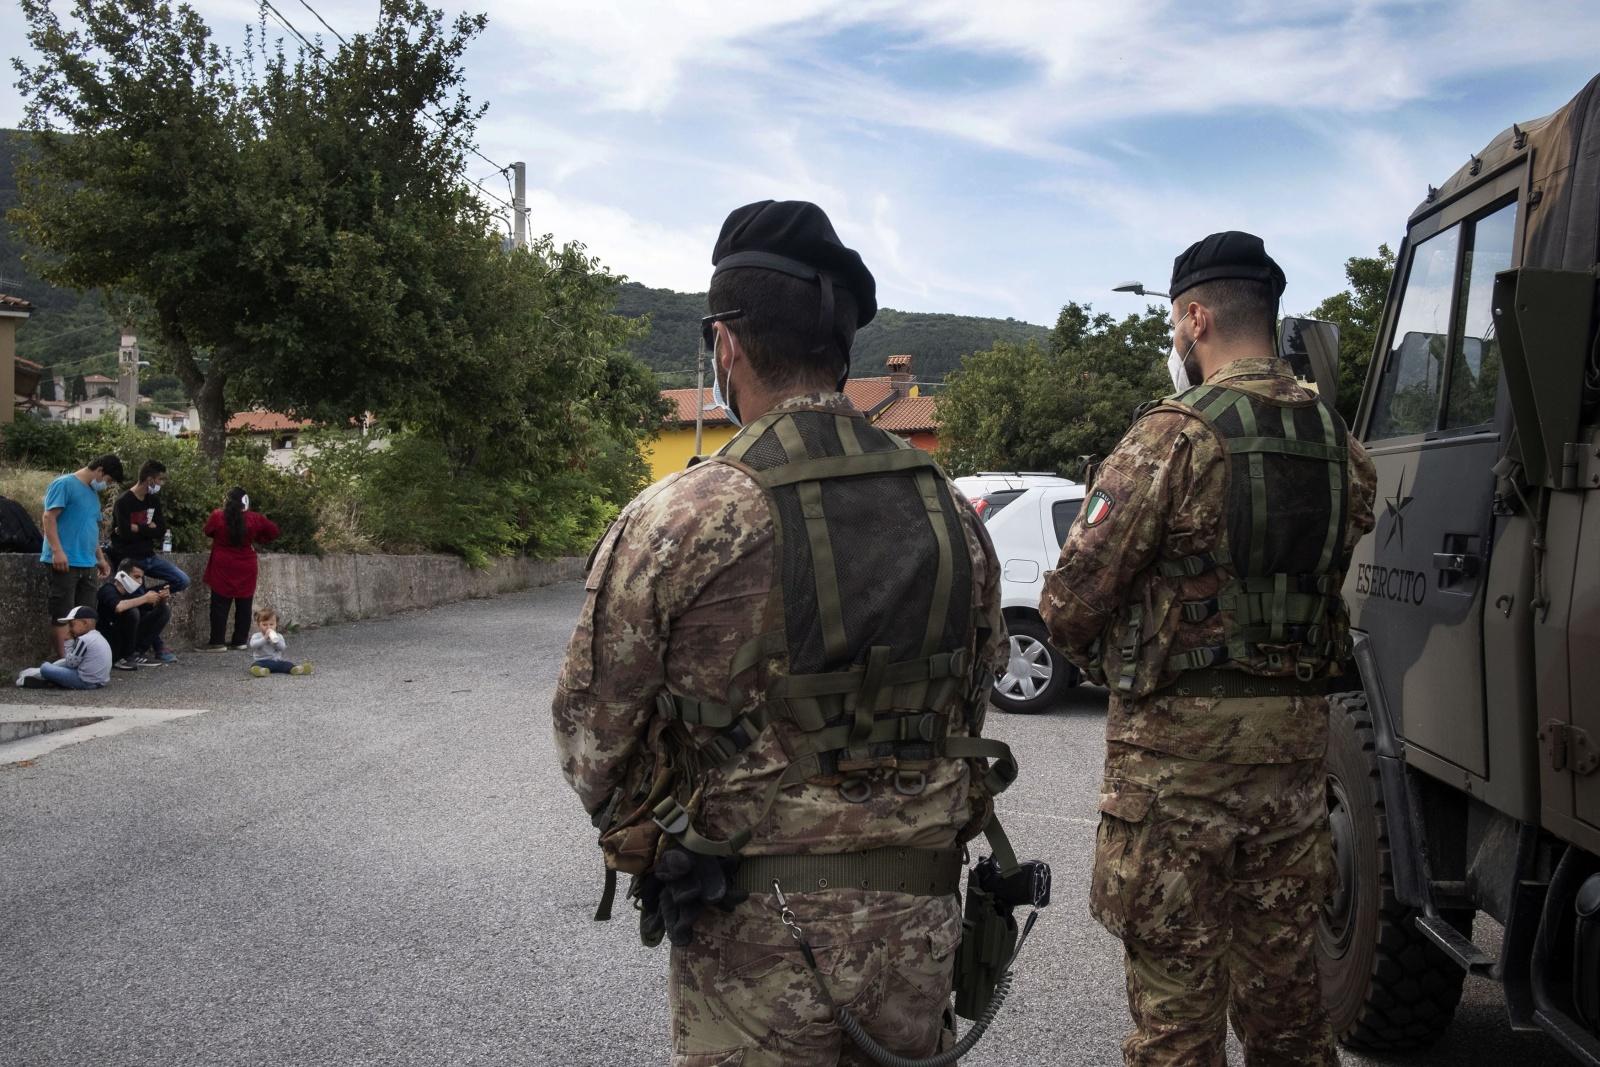 """Una famiglia di migranti afgani  con tre bambini piccoli dopo aver attraversato di notte i boschi nella zona carsica  di San Dorligo della Valle per arrivare nella città  di Dolina, vengono fermati da una pattuglia dell'Esercito di """"Strade Sicure"""" per essere identificati."""